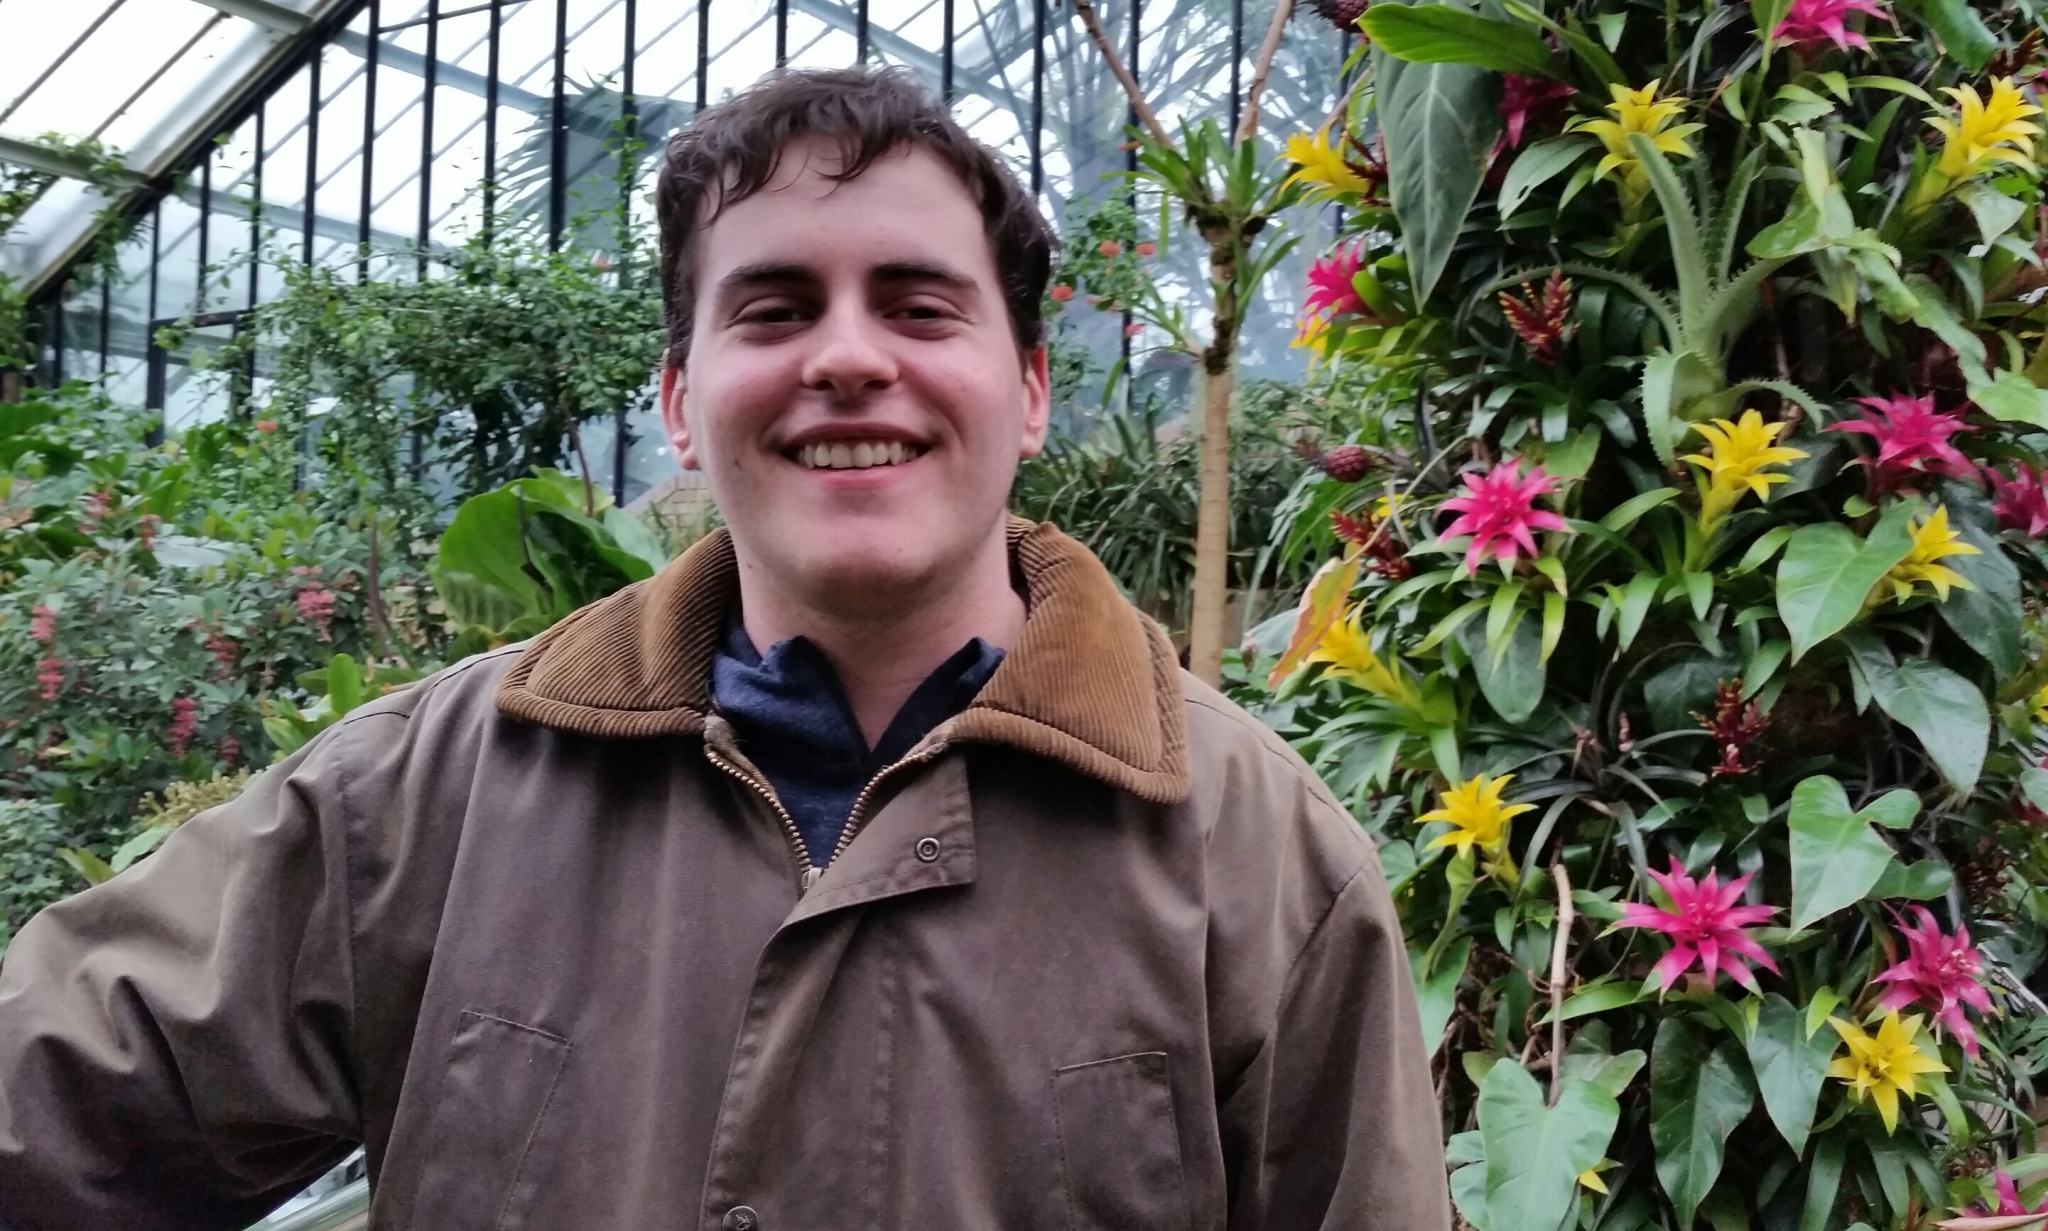 young gardener